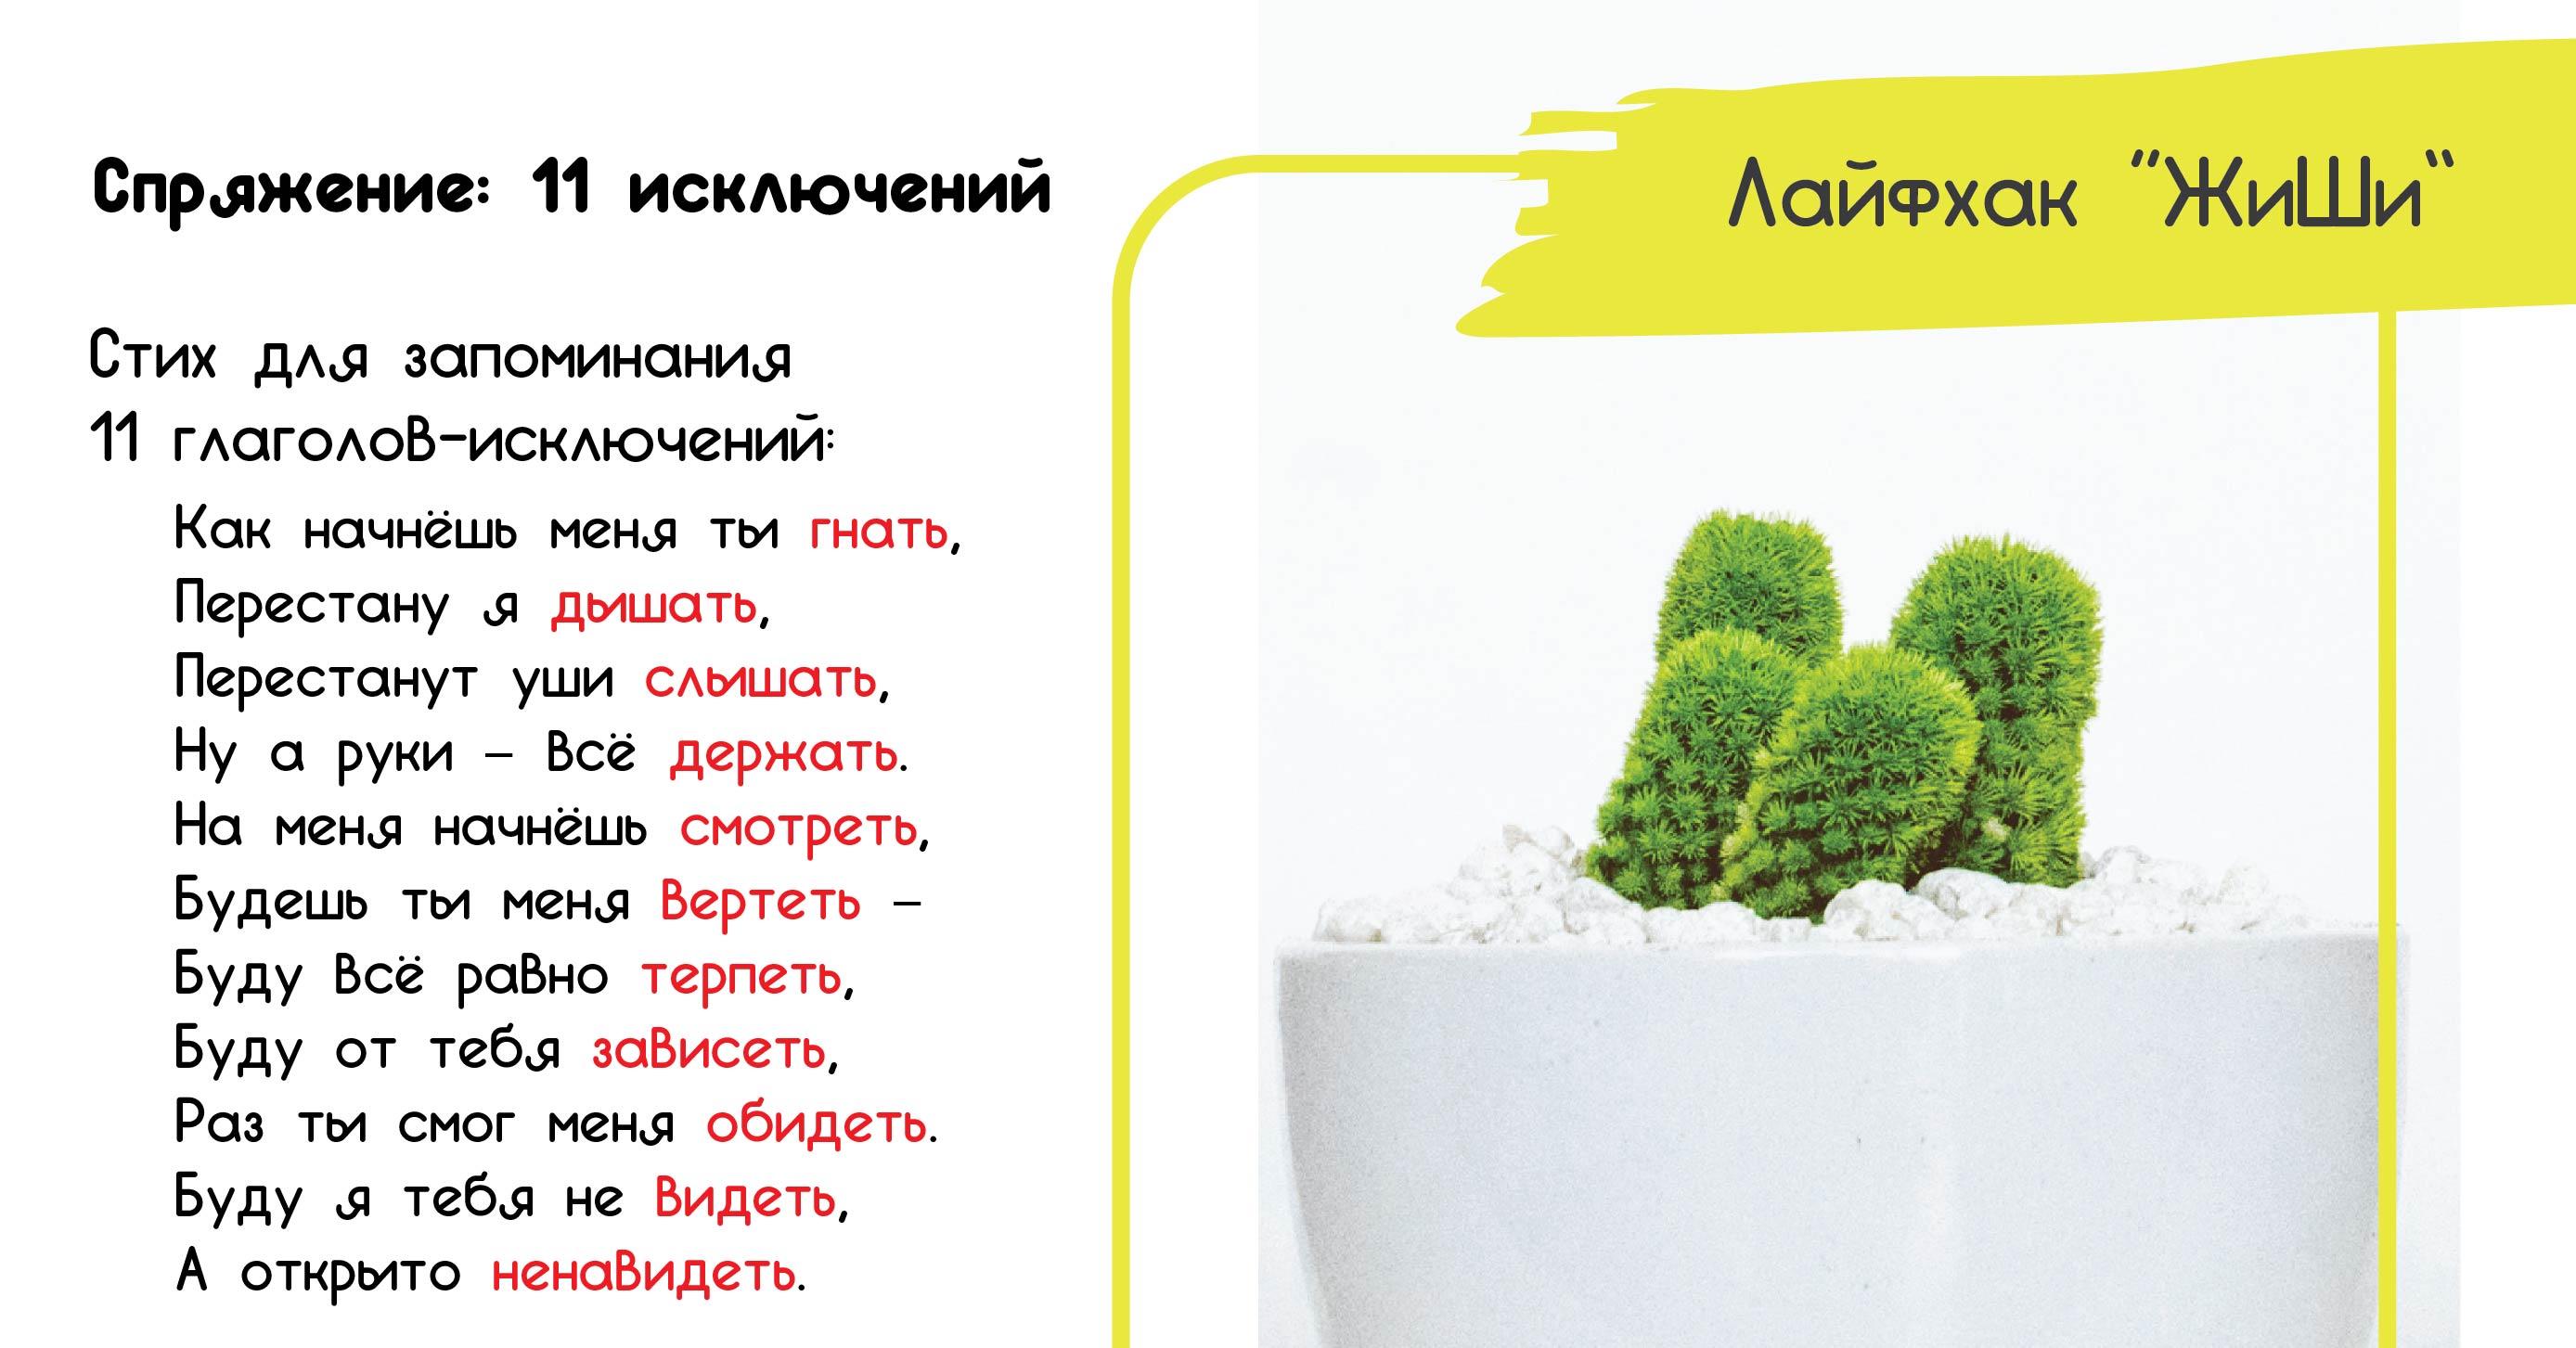 Картинка правила русского языка спряжение глаголов